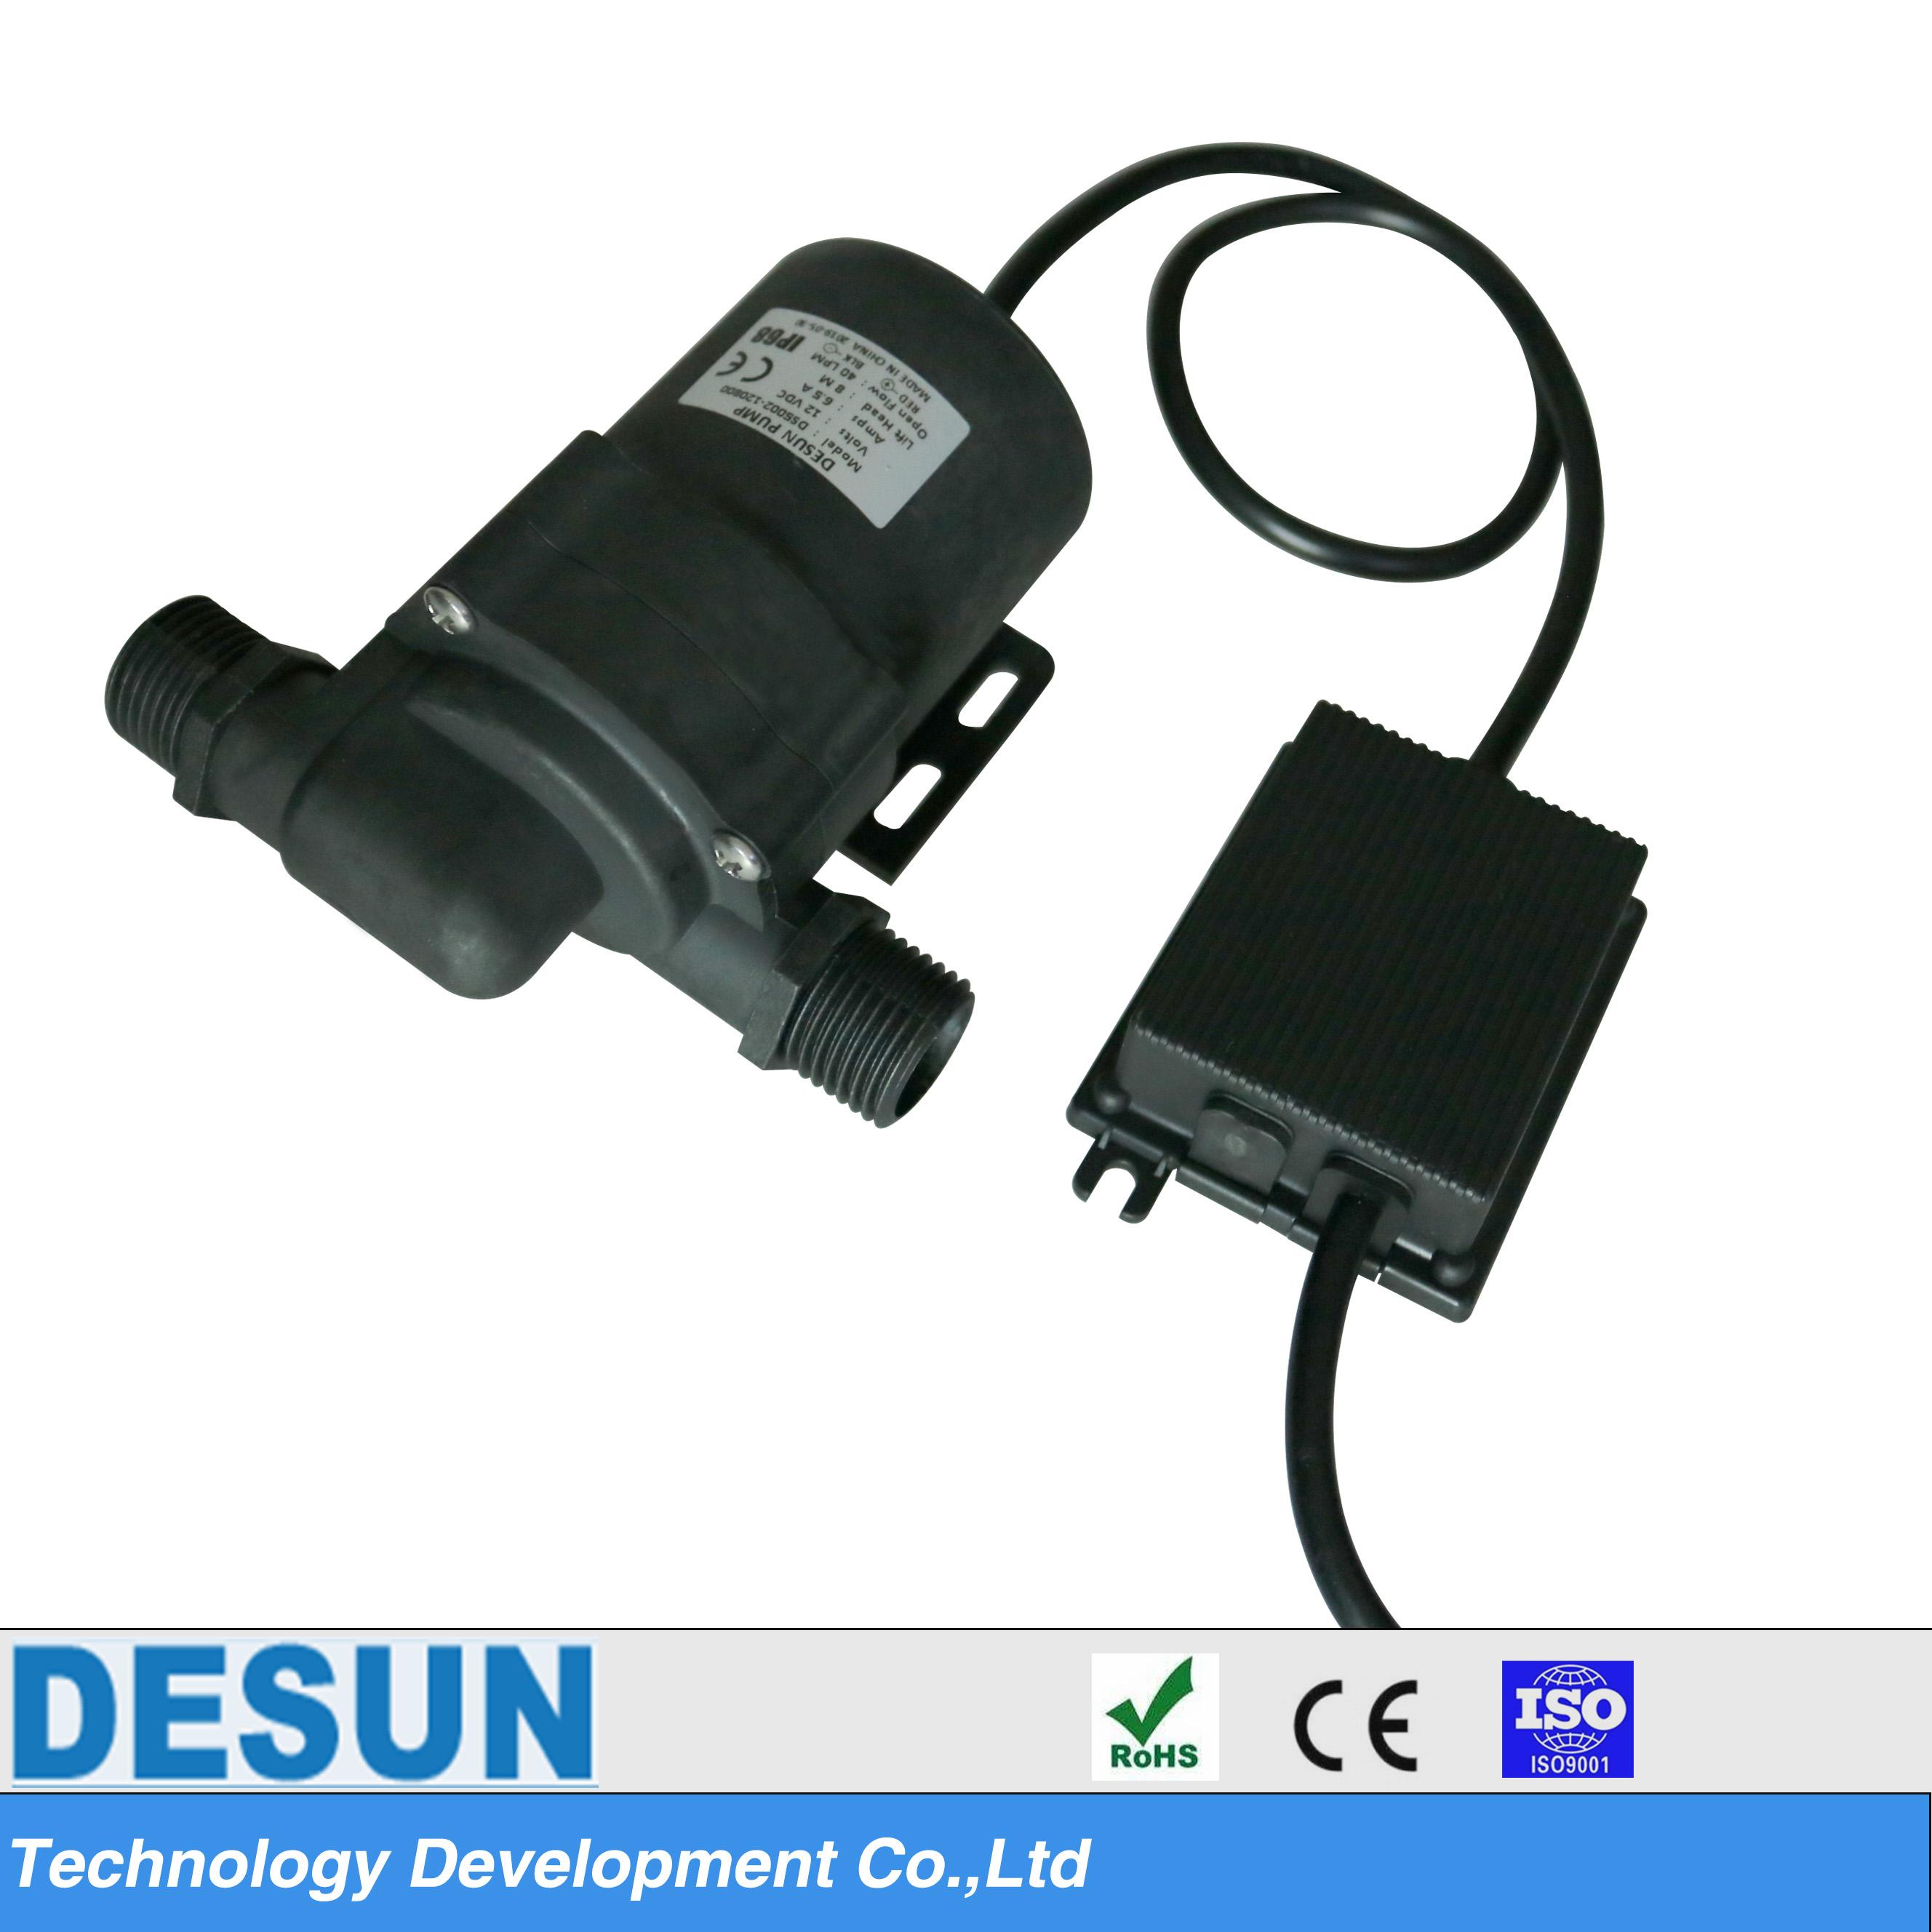 厨卫设备专用水泵DS5002